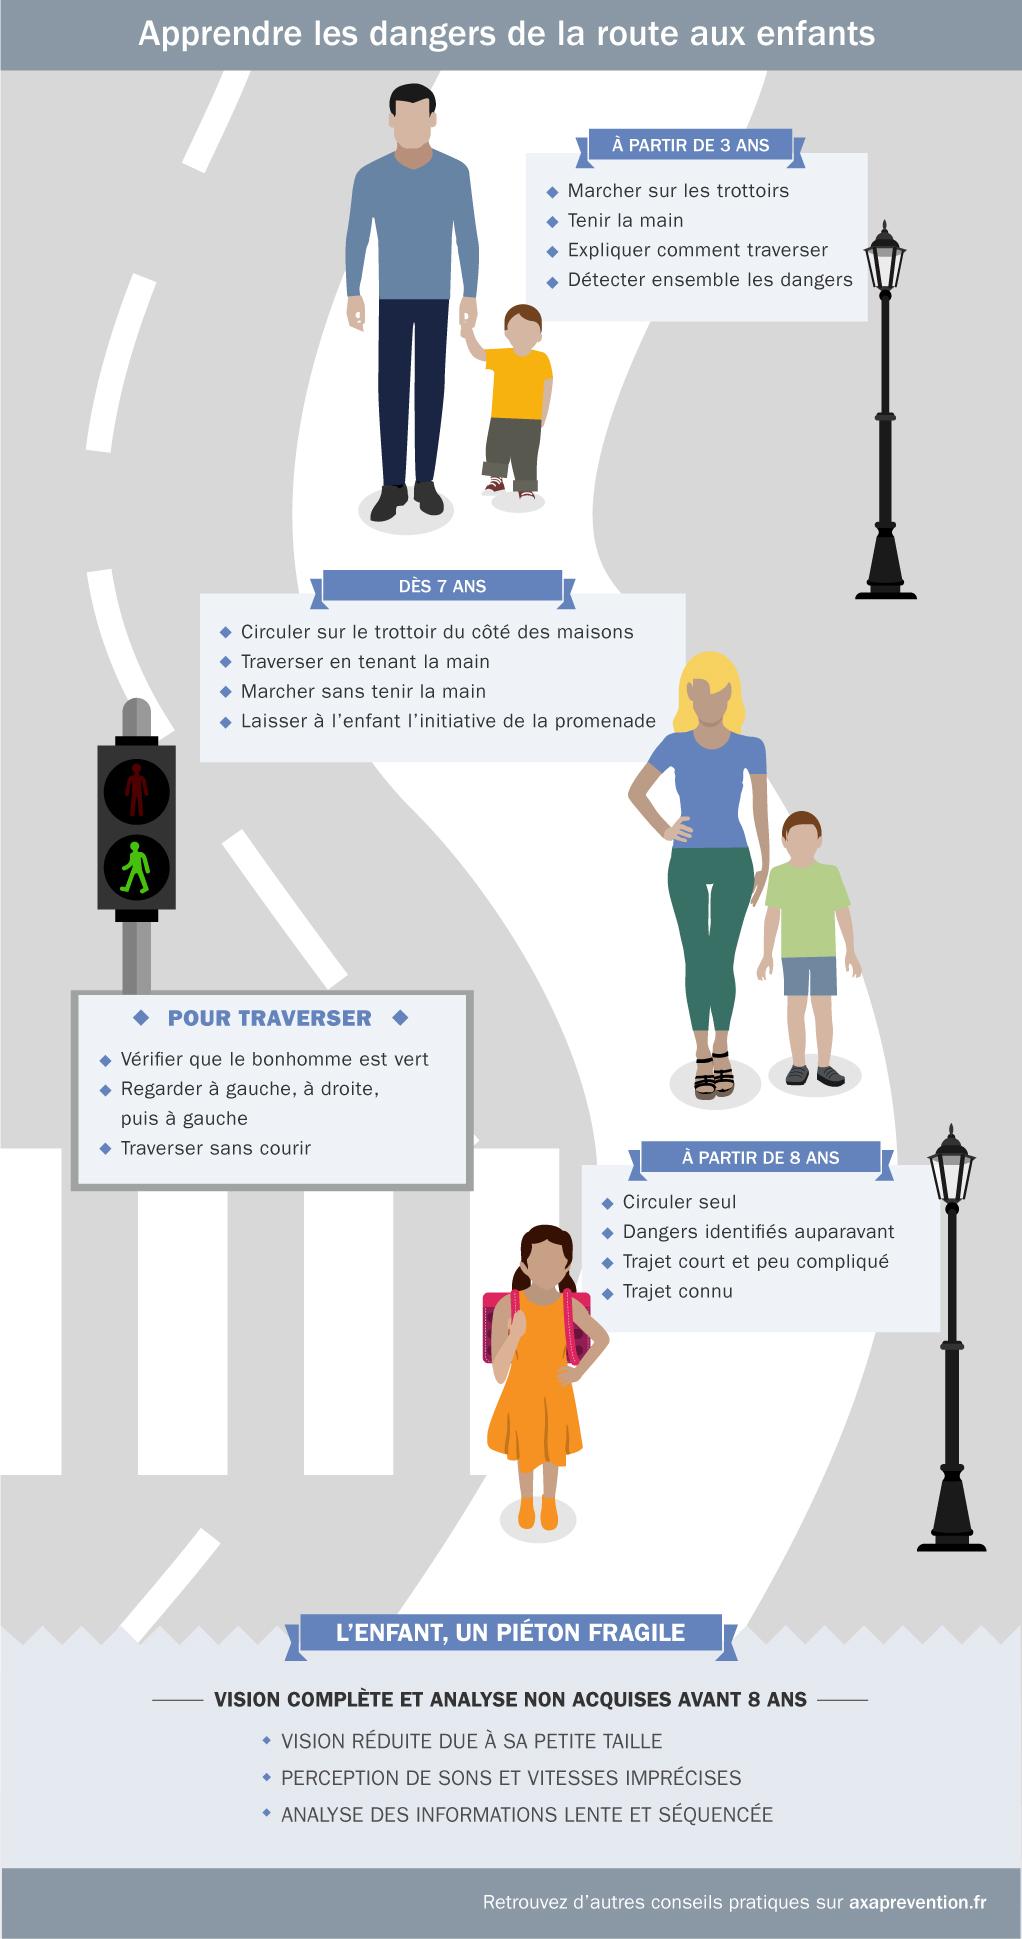 Illustration des conseils pour apprendre les dangers de la route aux enfants